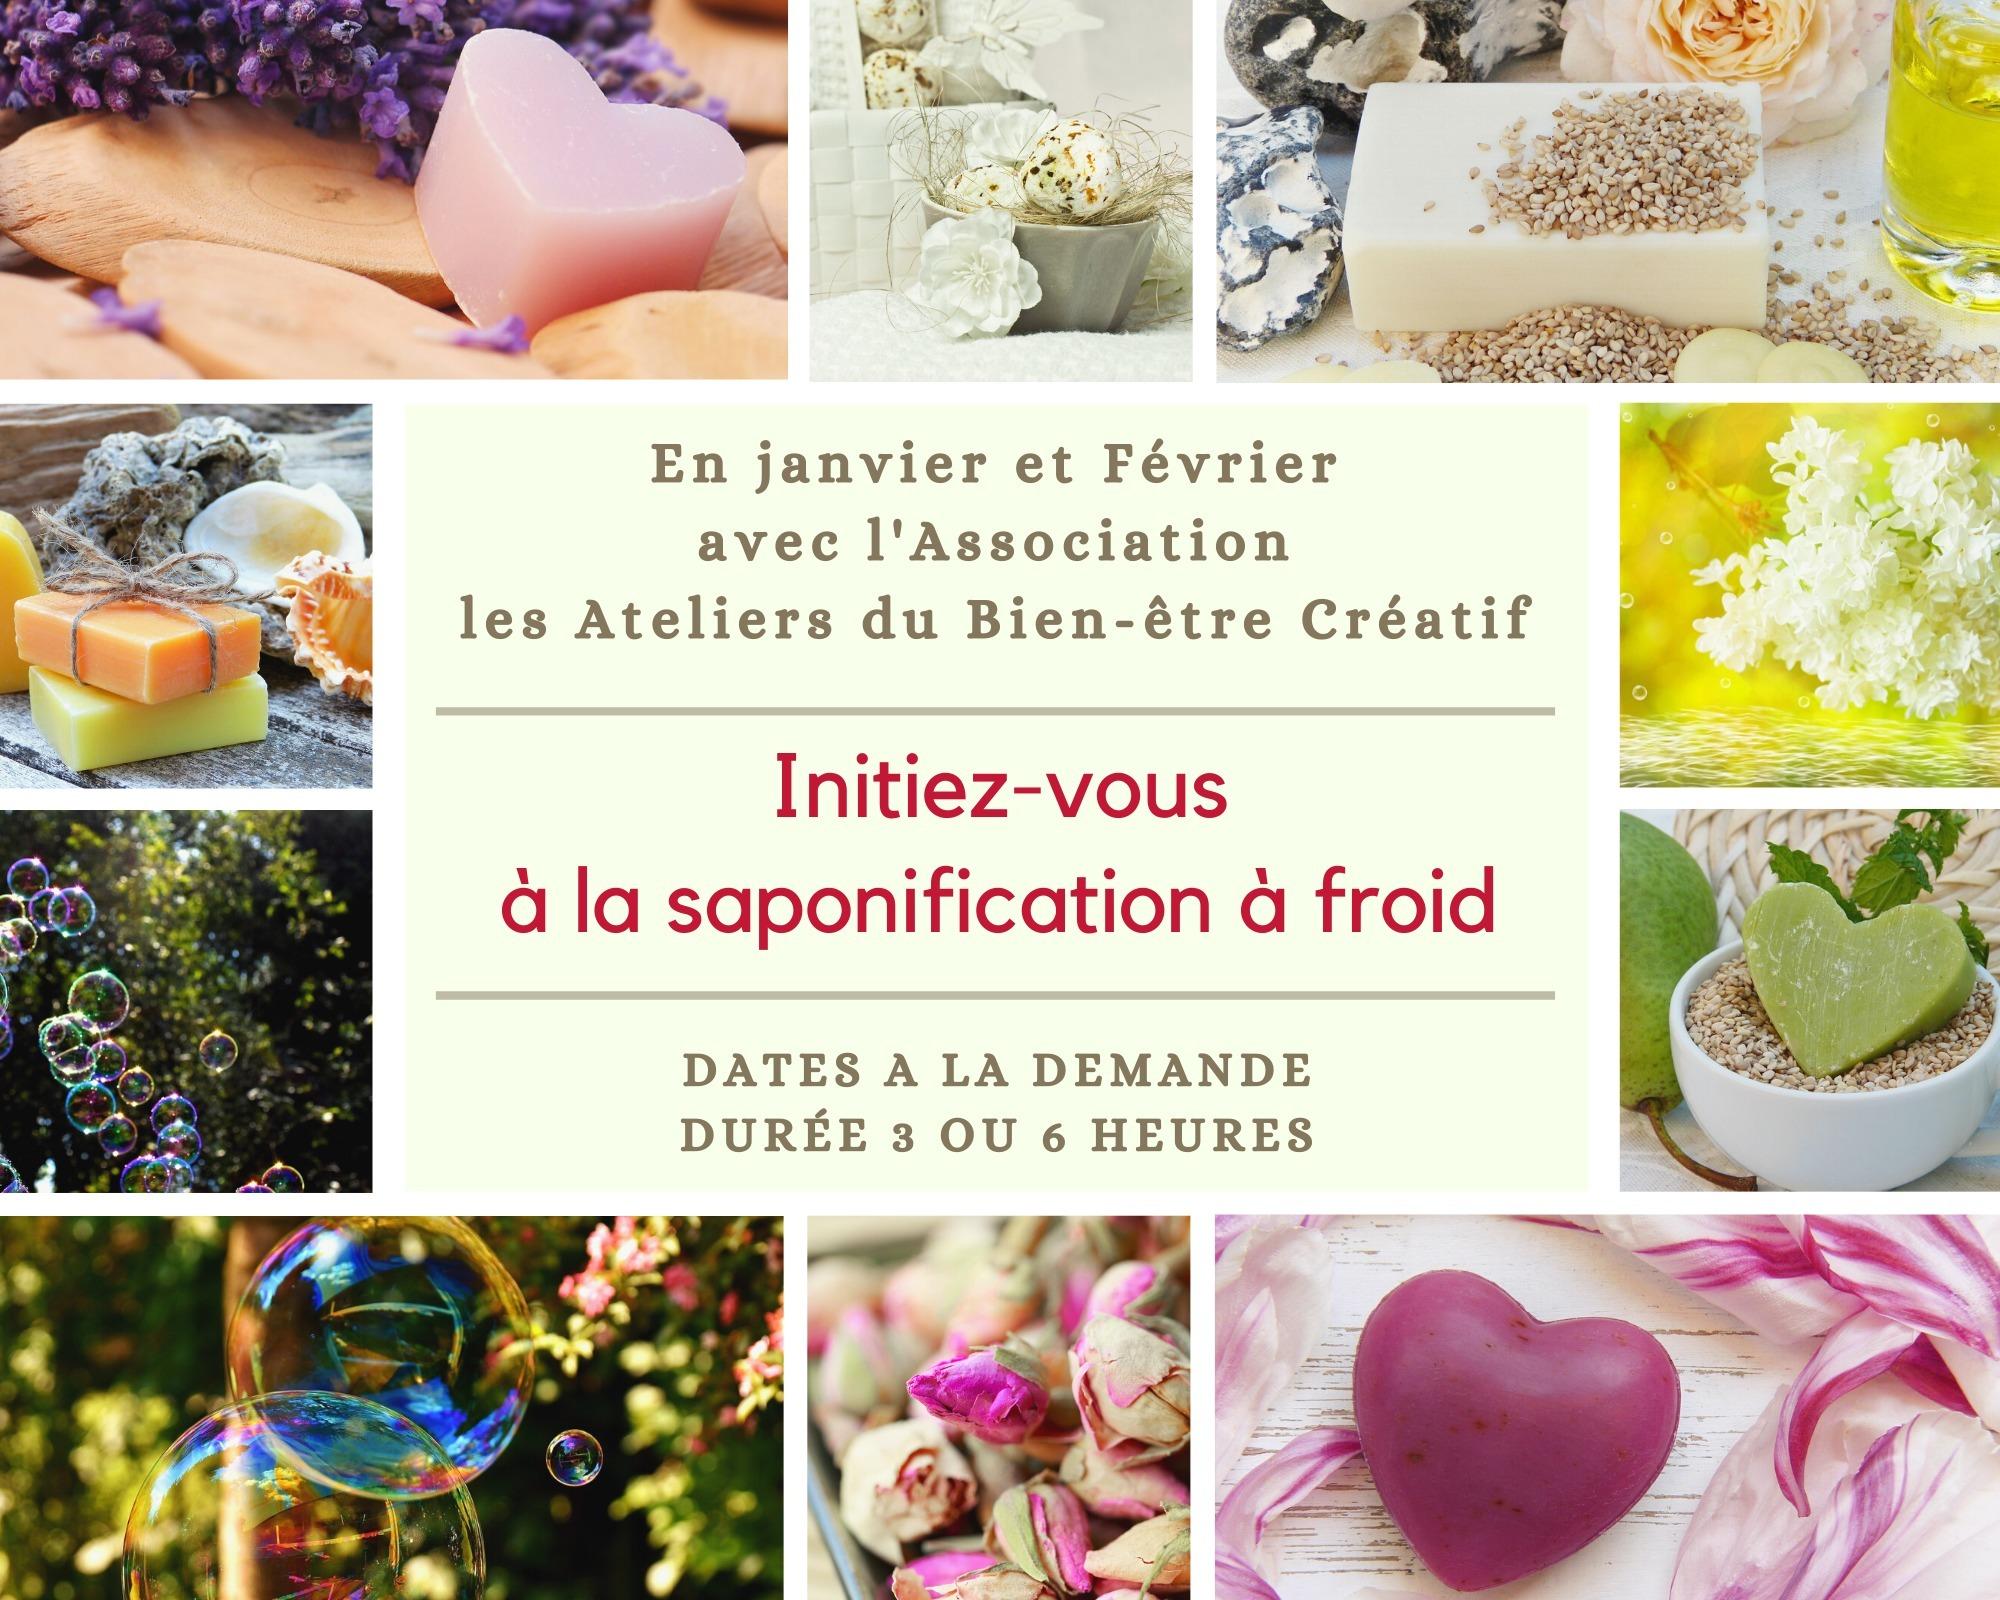 Venez apprendre à fabriquer vos savons naturels, 100% biodégradables et parfumés selon vos envies. Et repartez avec vos créations!